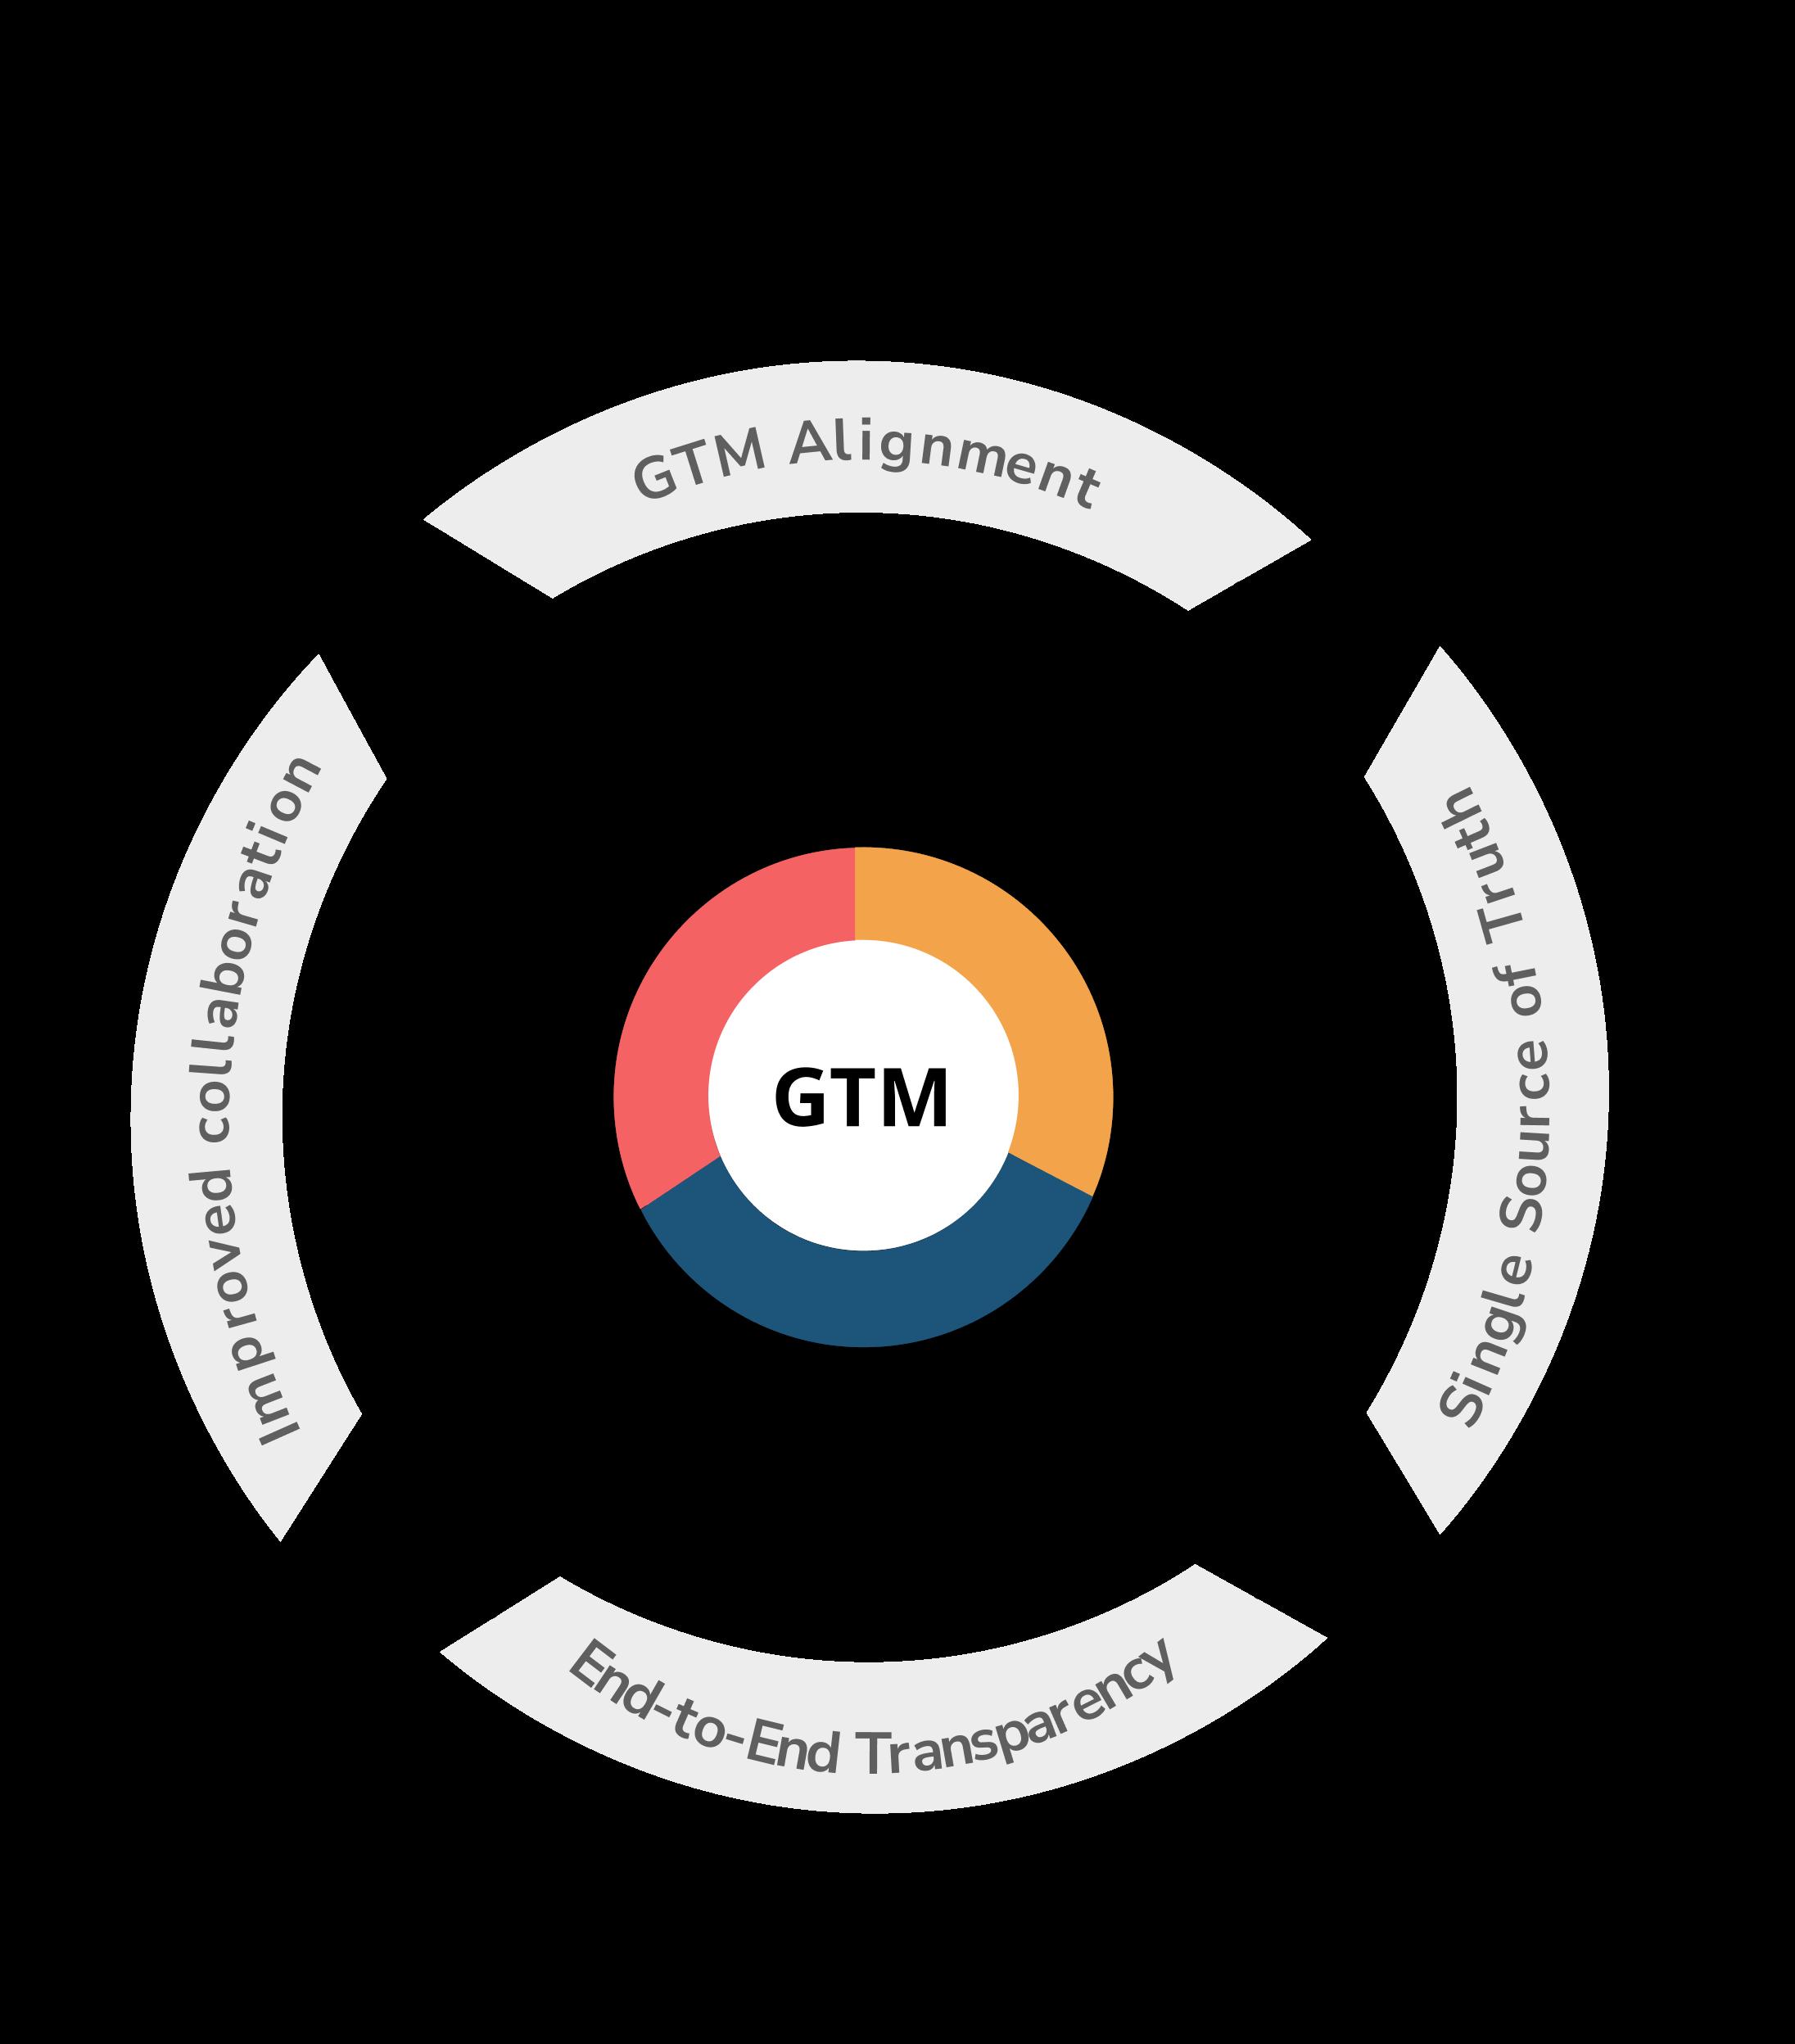 GTM OS framework